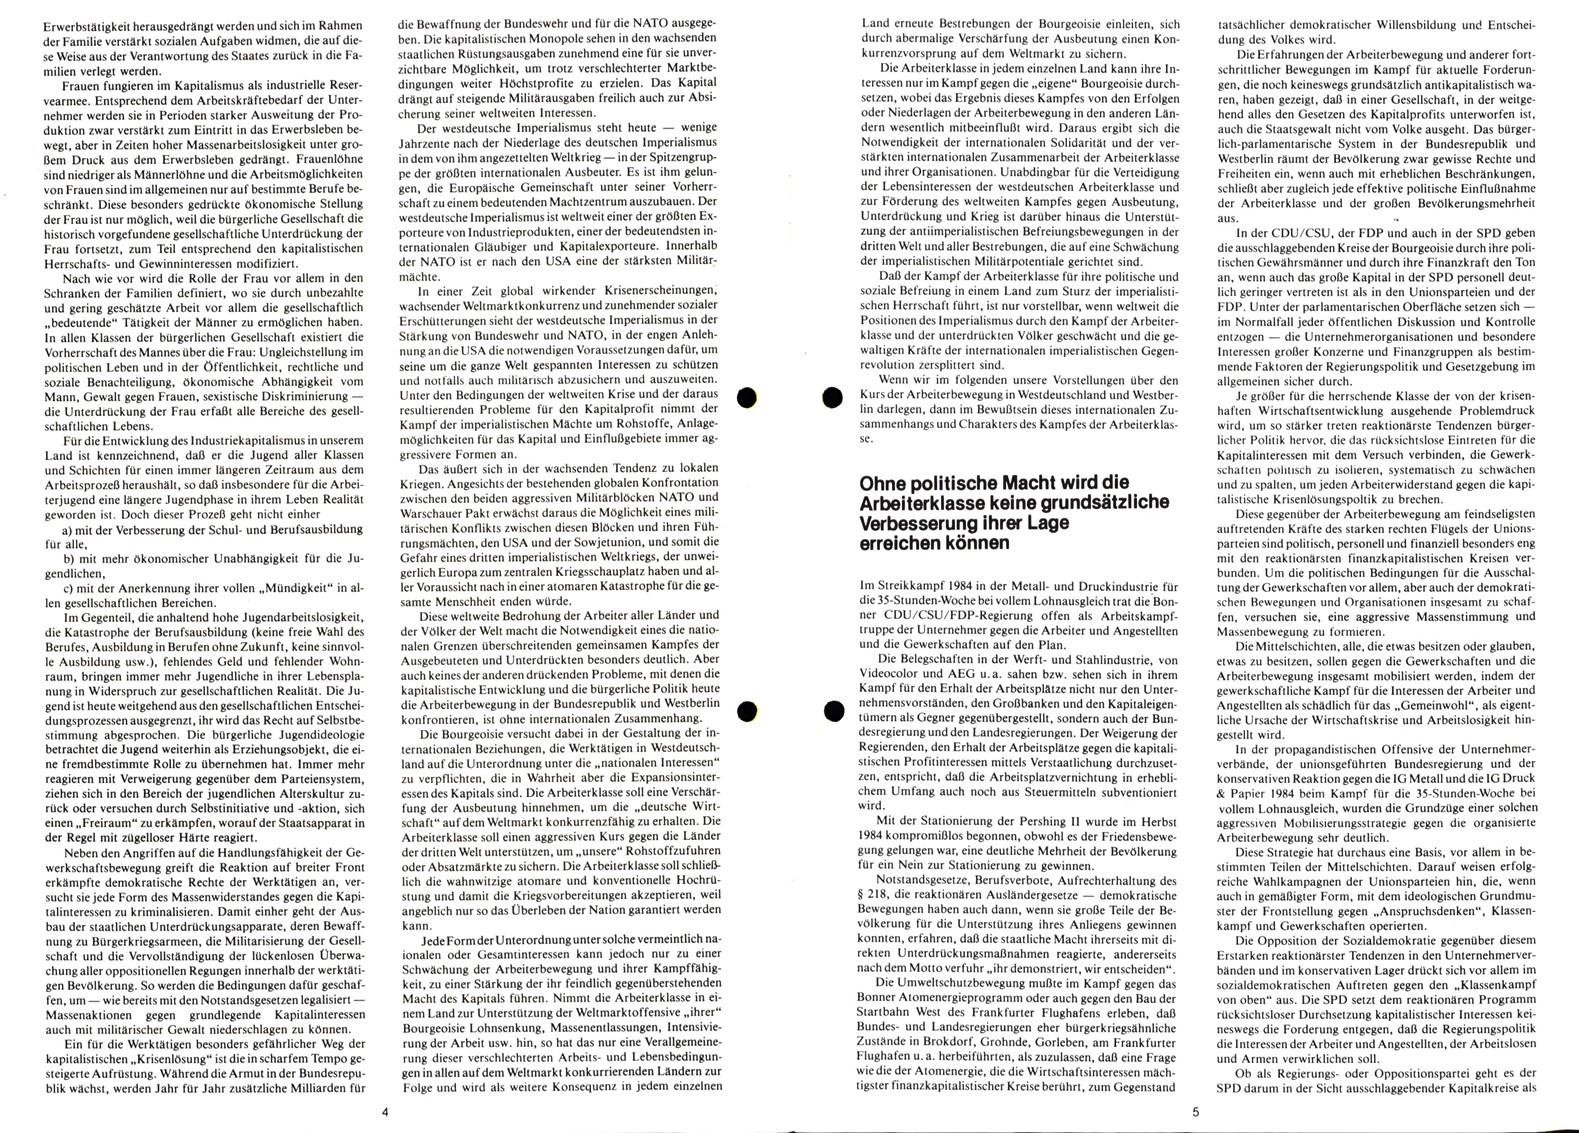 KPDML_1985_Dokumente_vom_Sonderparteitag_03